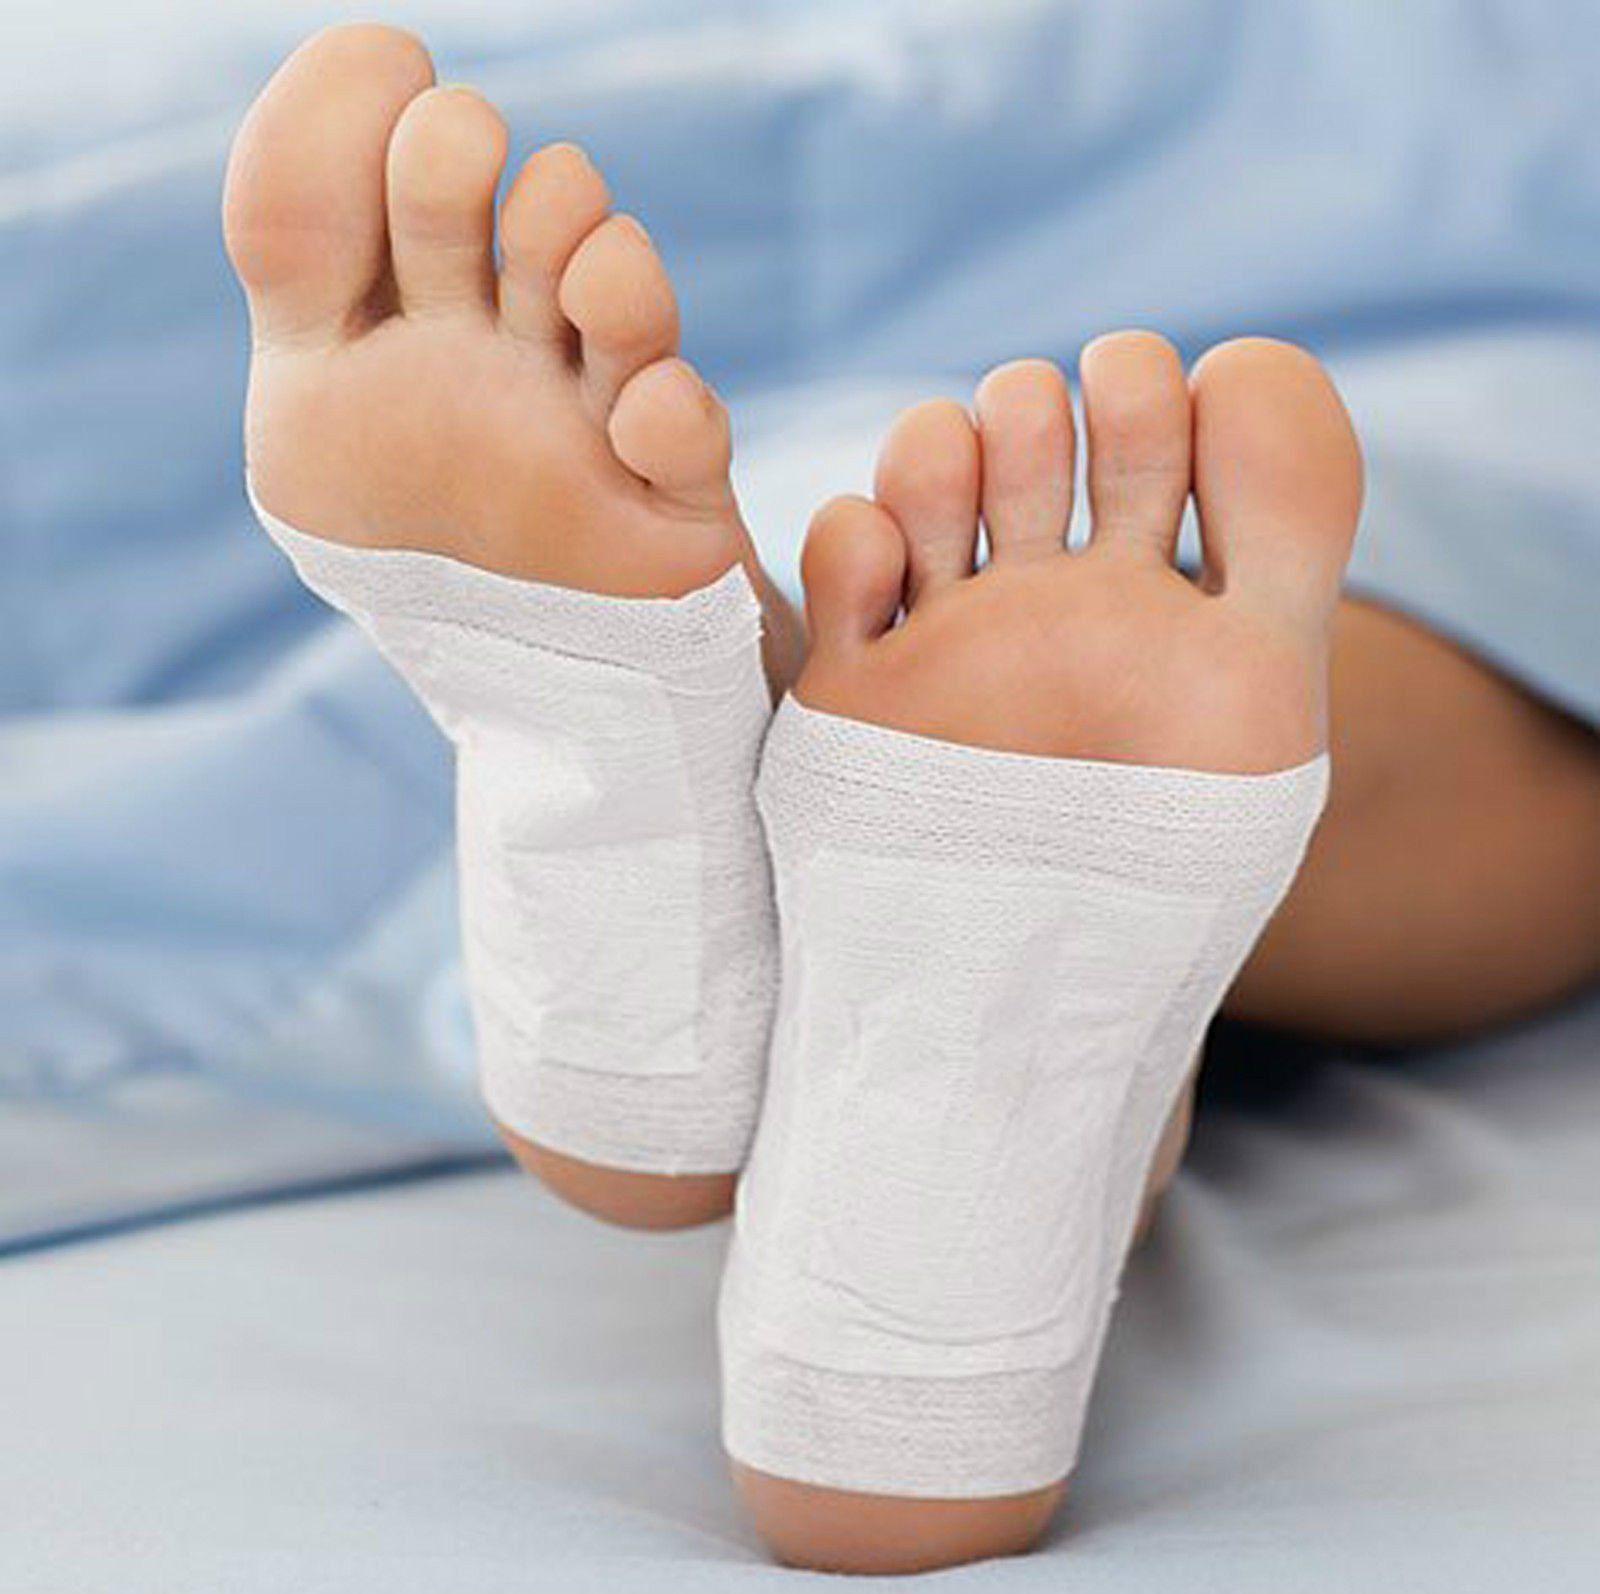 Feet Miriam Colon nude (69 fotos) Porno, iCloud, in bikini